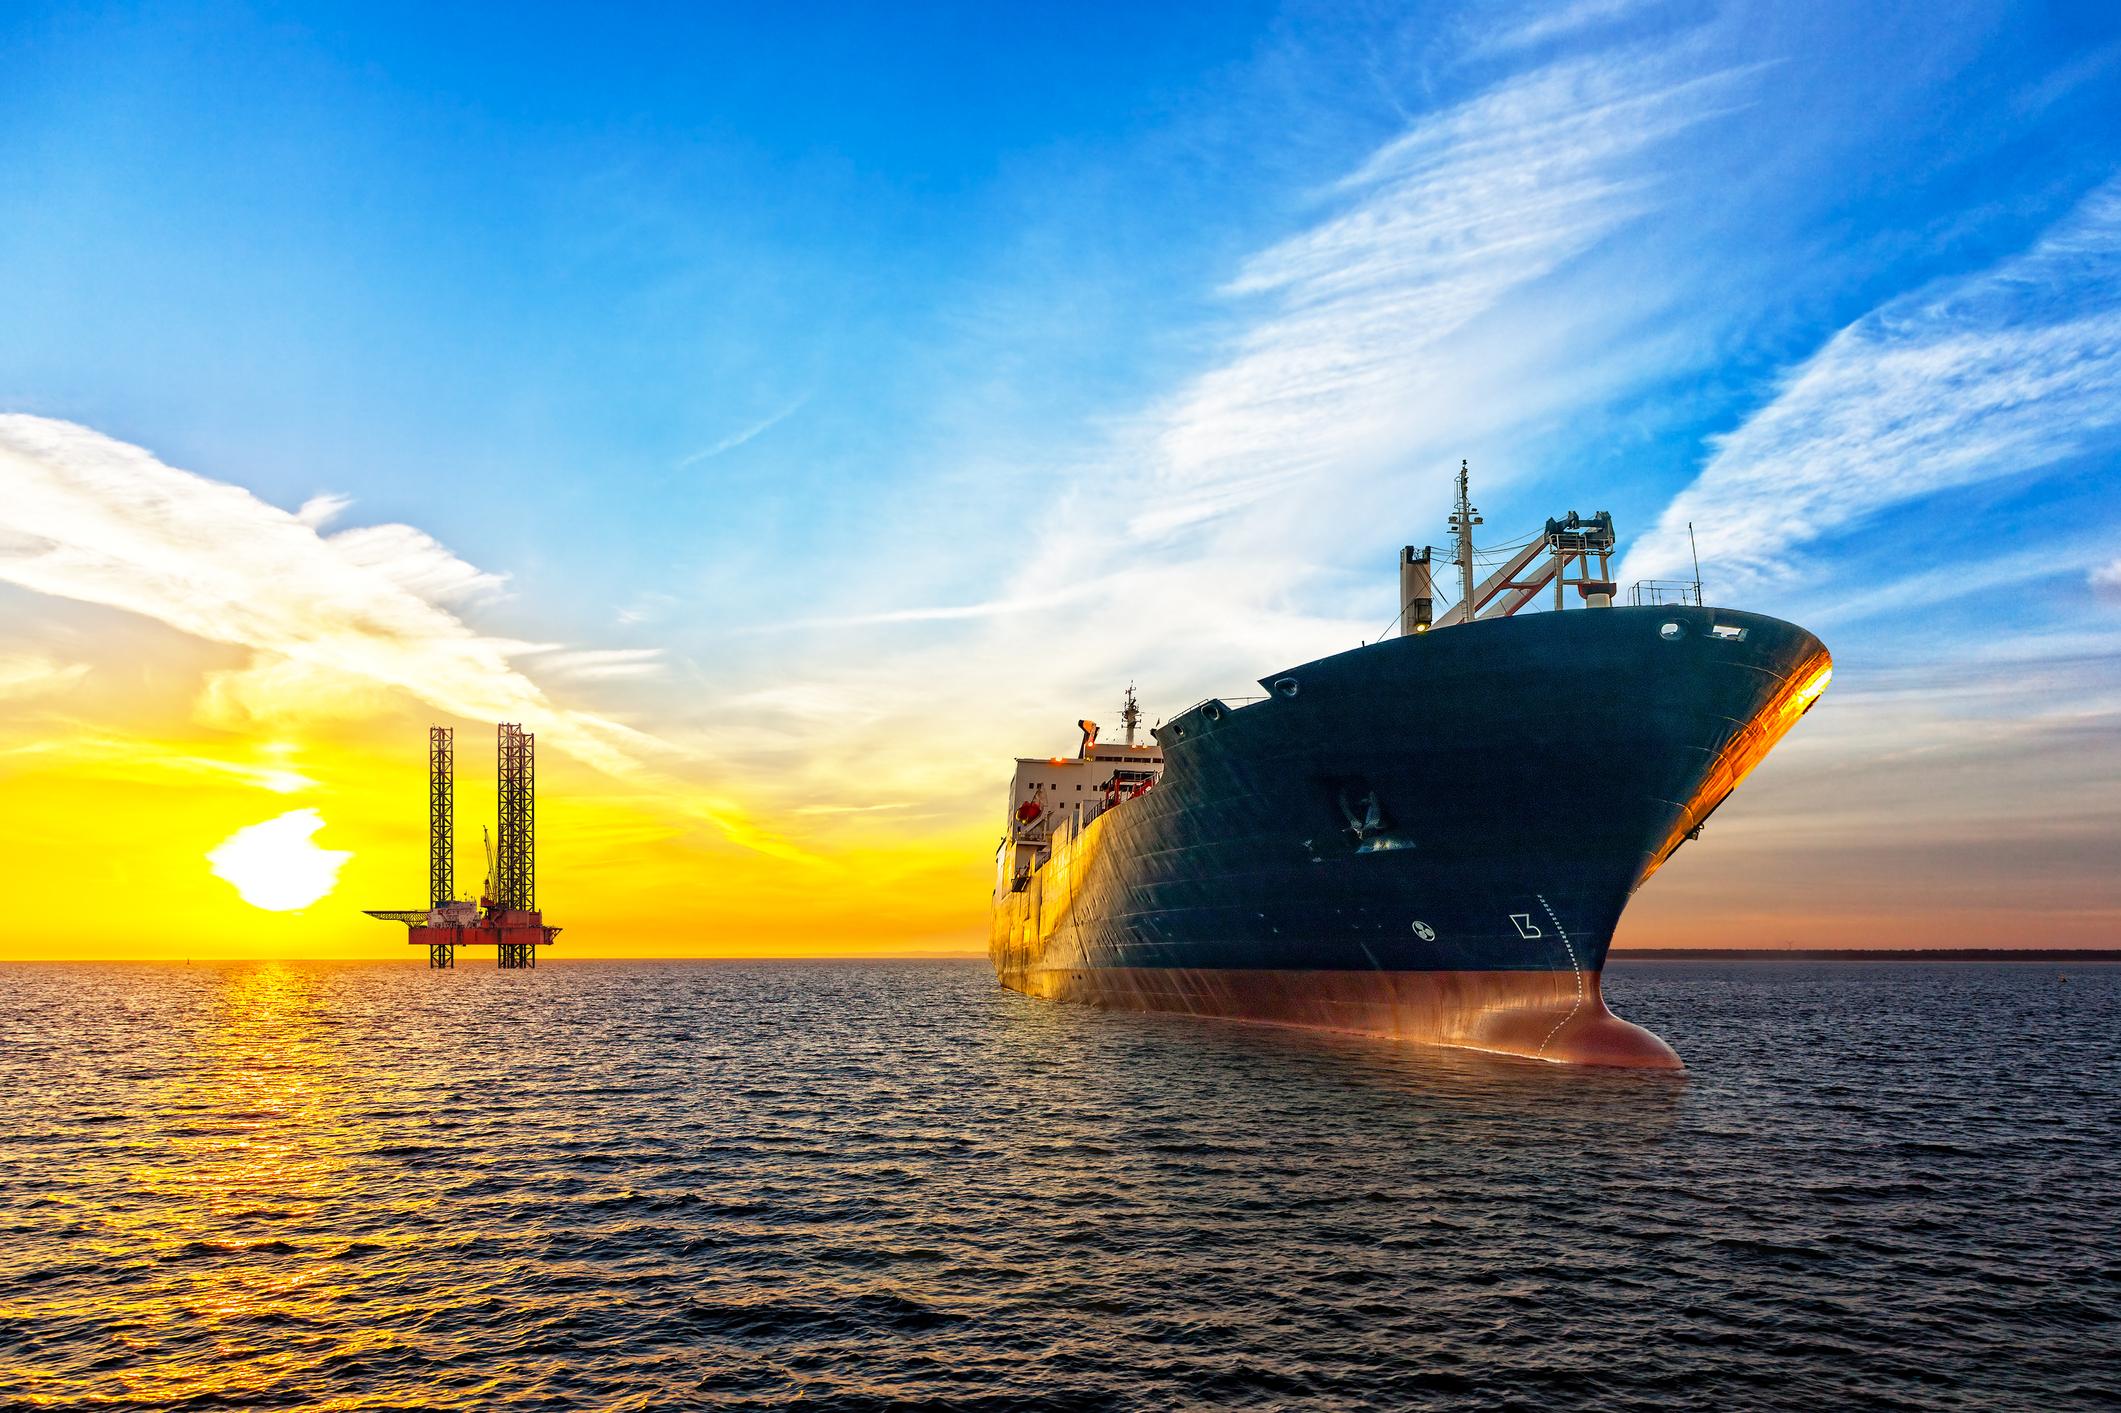 Oil tanker.